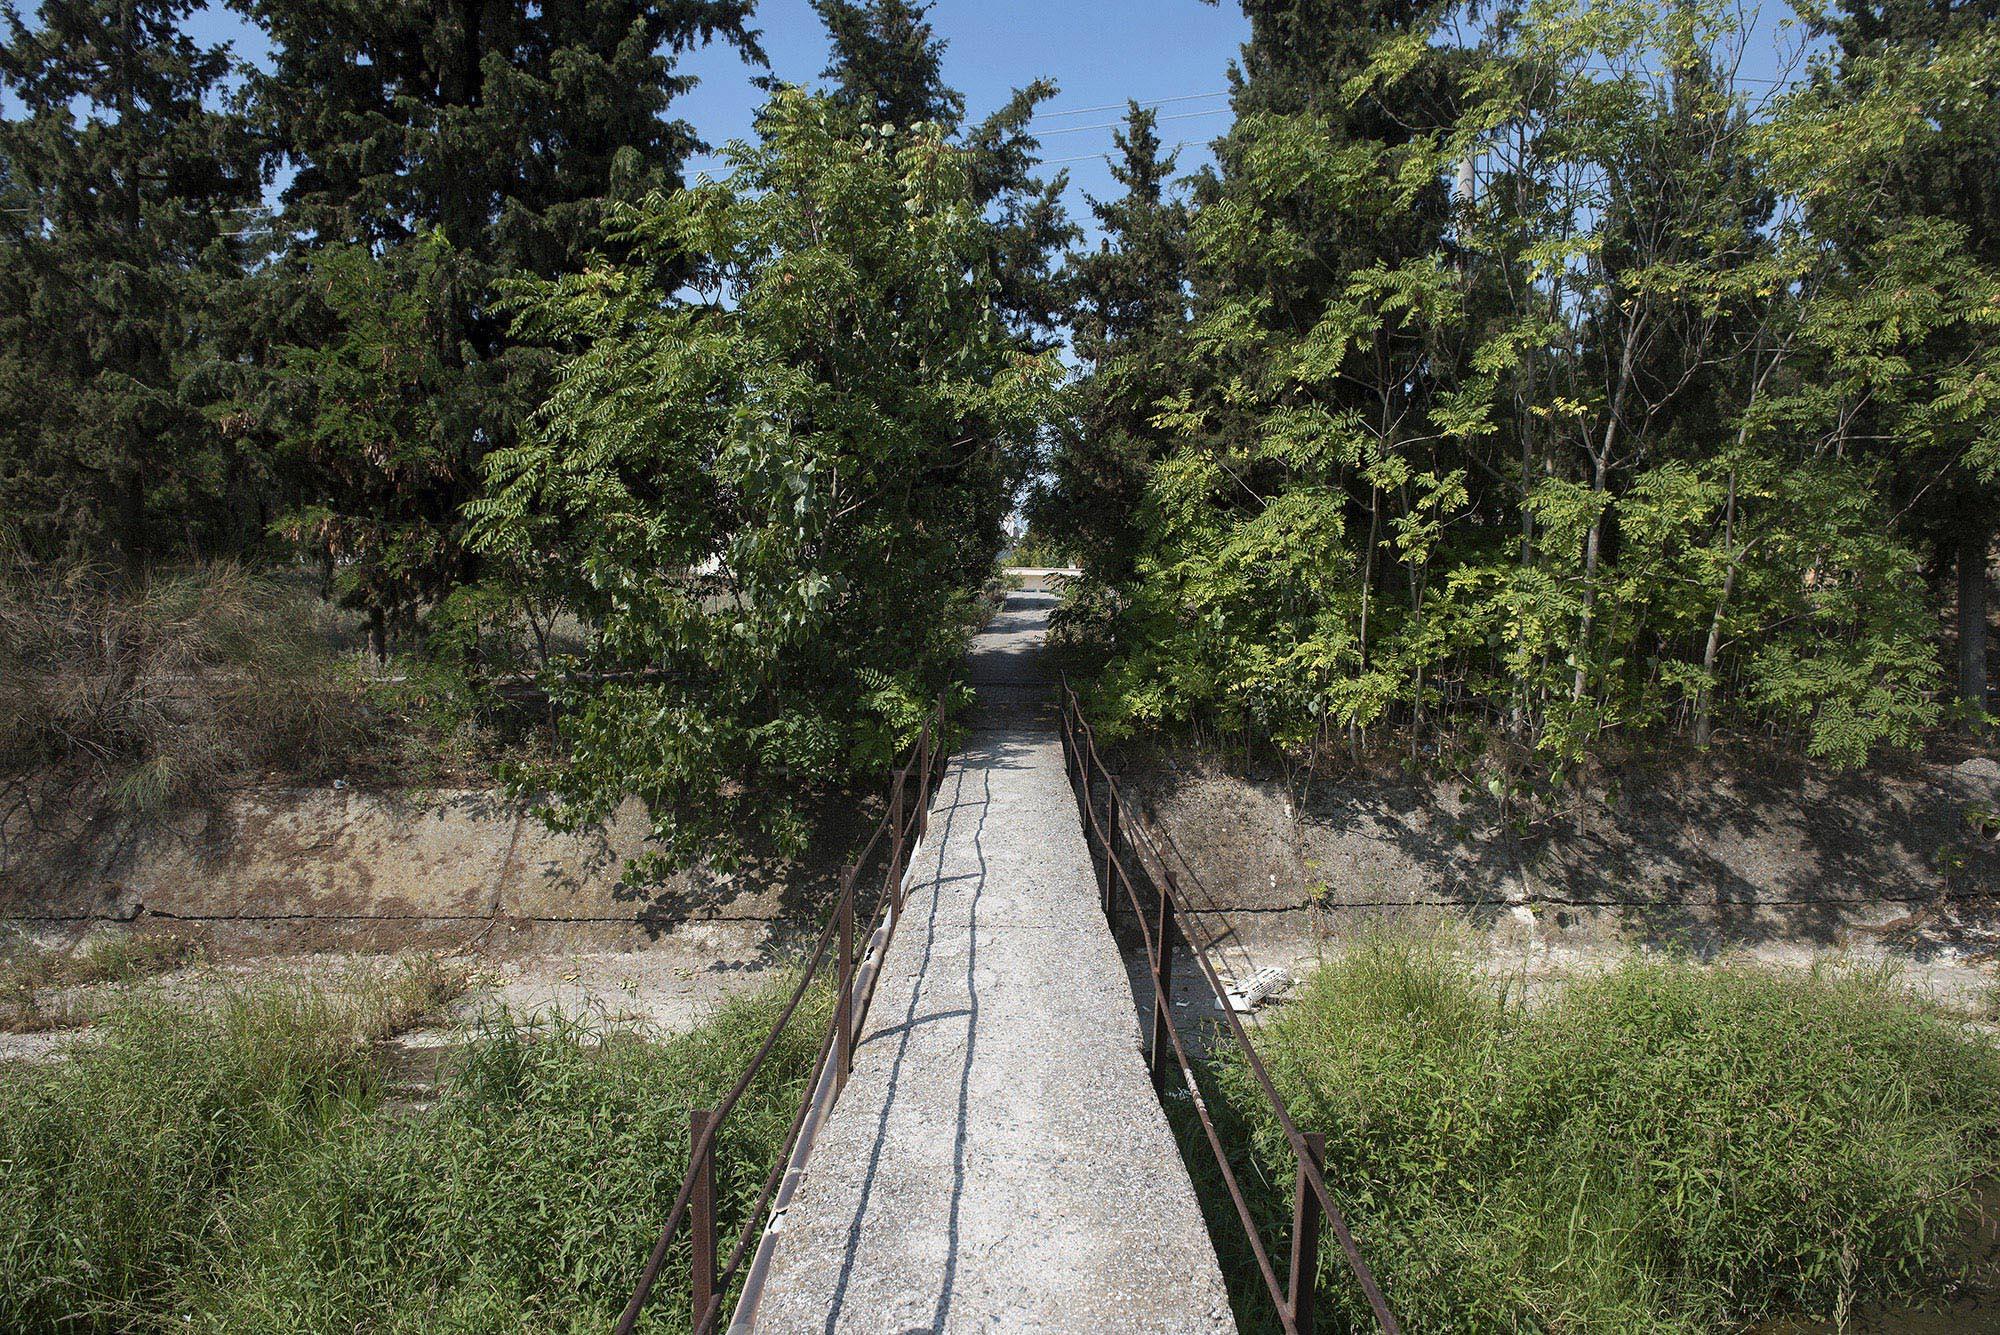 Ρέματα στο Αγρίνιο: Το σχέδιο για περιφερειακούς τάφρους αντί μπαζώματος που ματαιώθηκε